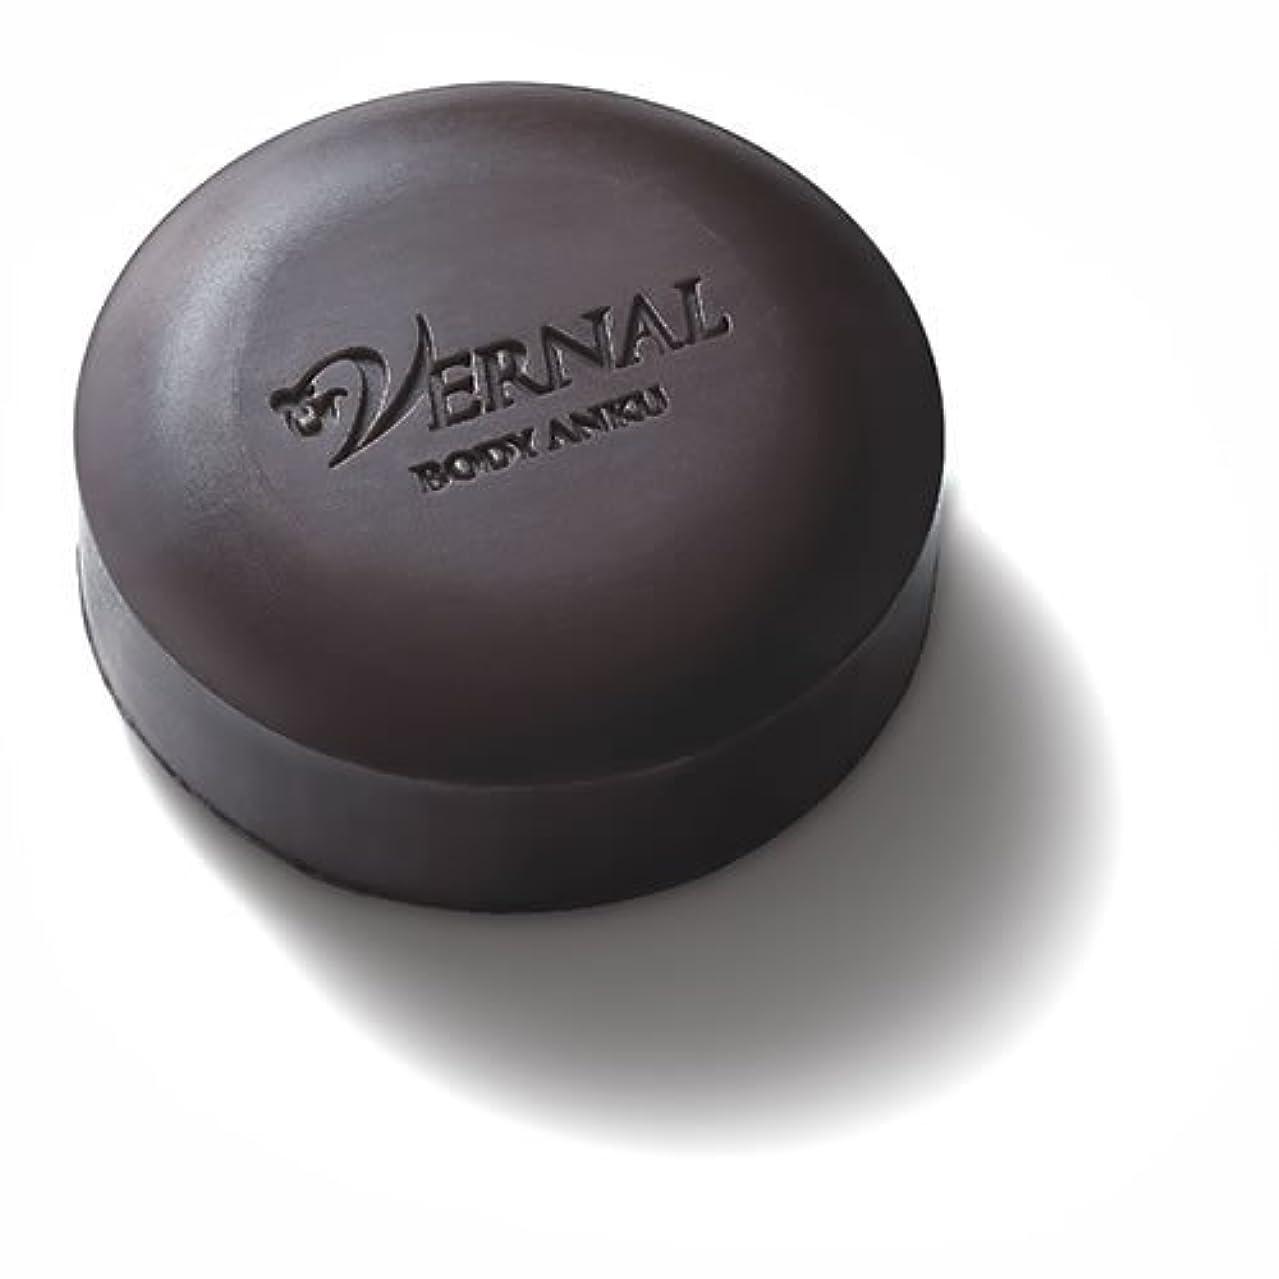 爆発物女の子ジャズボディアンク/ヴァーナル ボディ用 石鹸 デオドラント